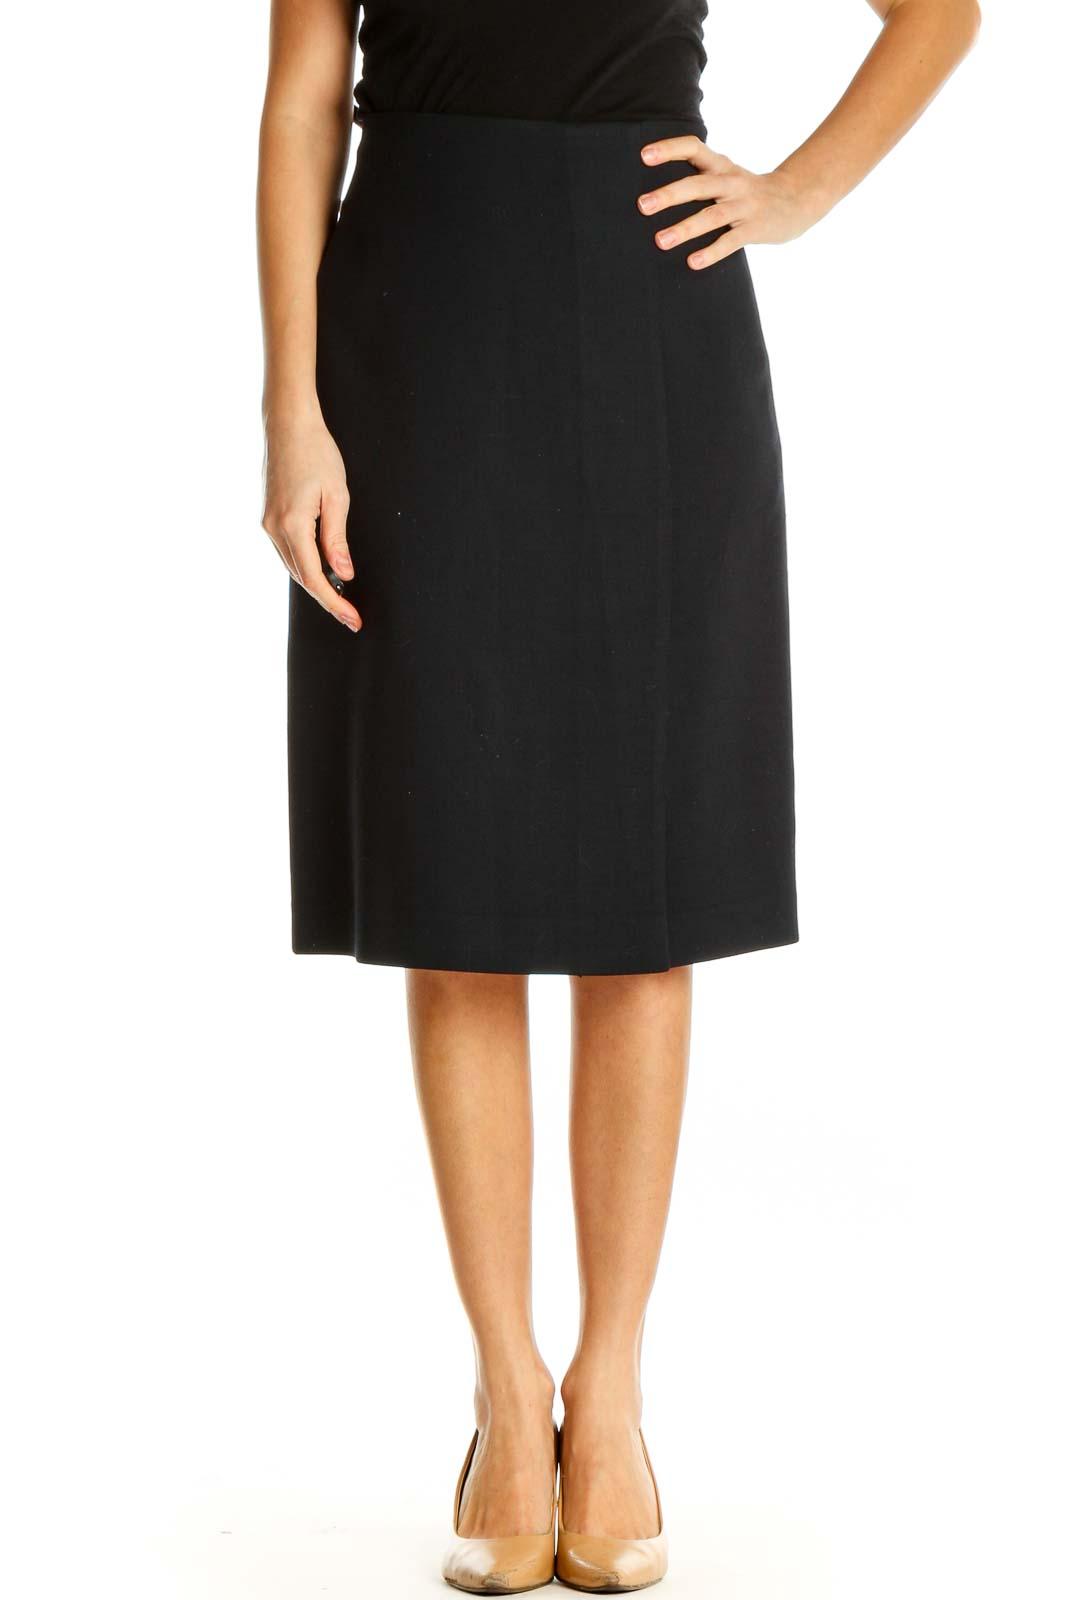 Black Striped Brunch Pencil Skirt Front